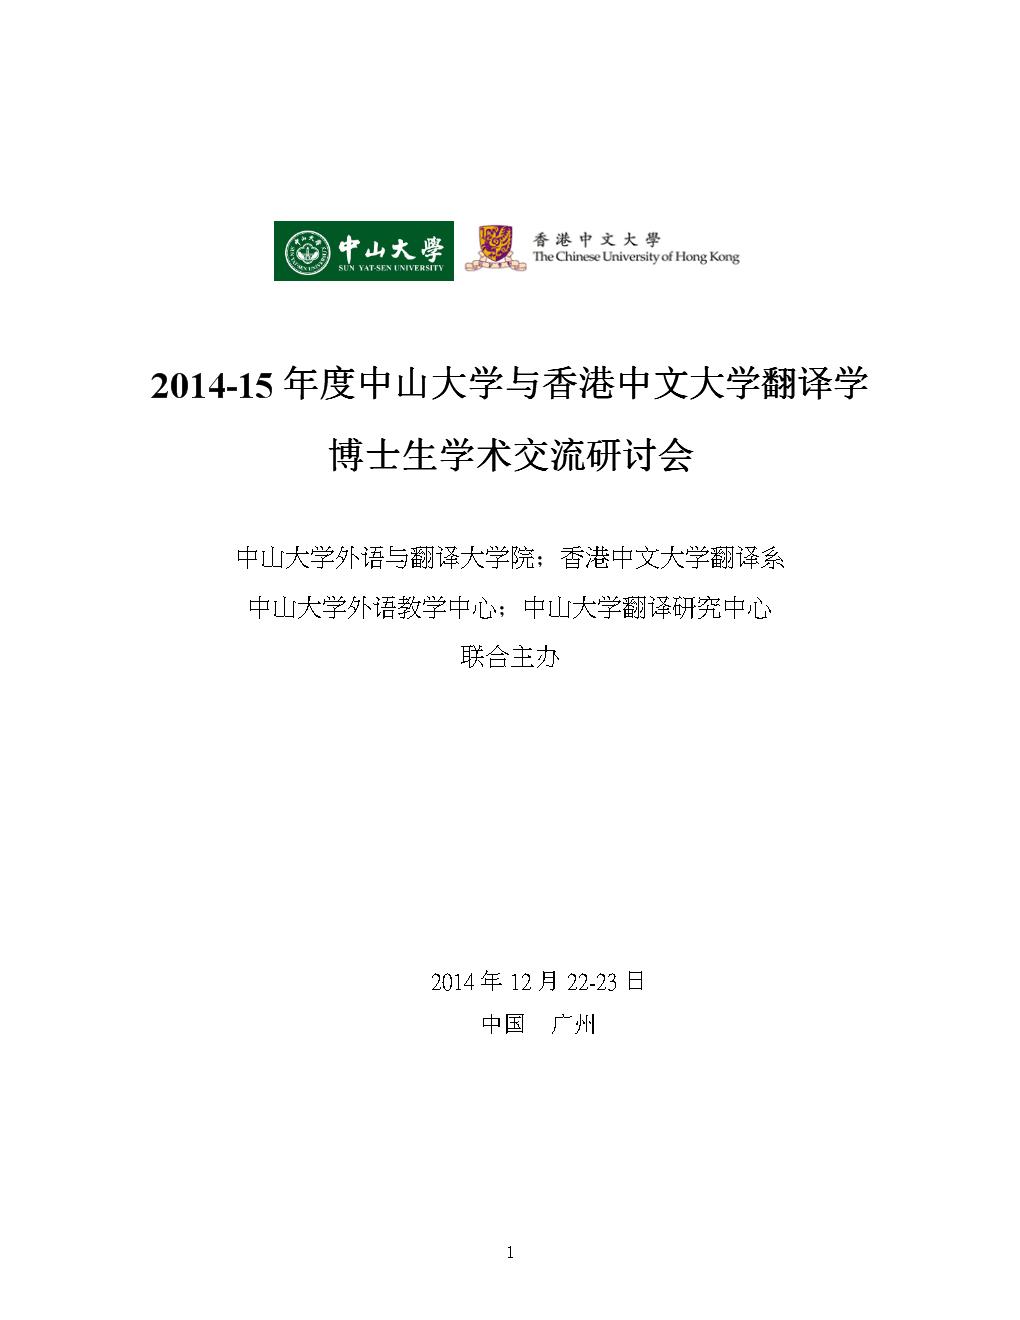 2014-15年度中山大学与香港中文大学翻译学.doc